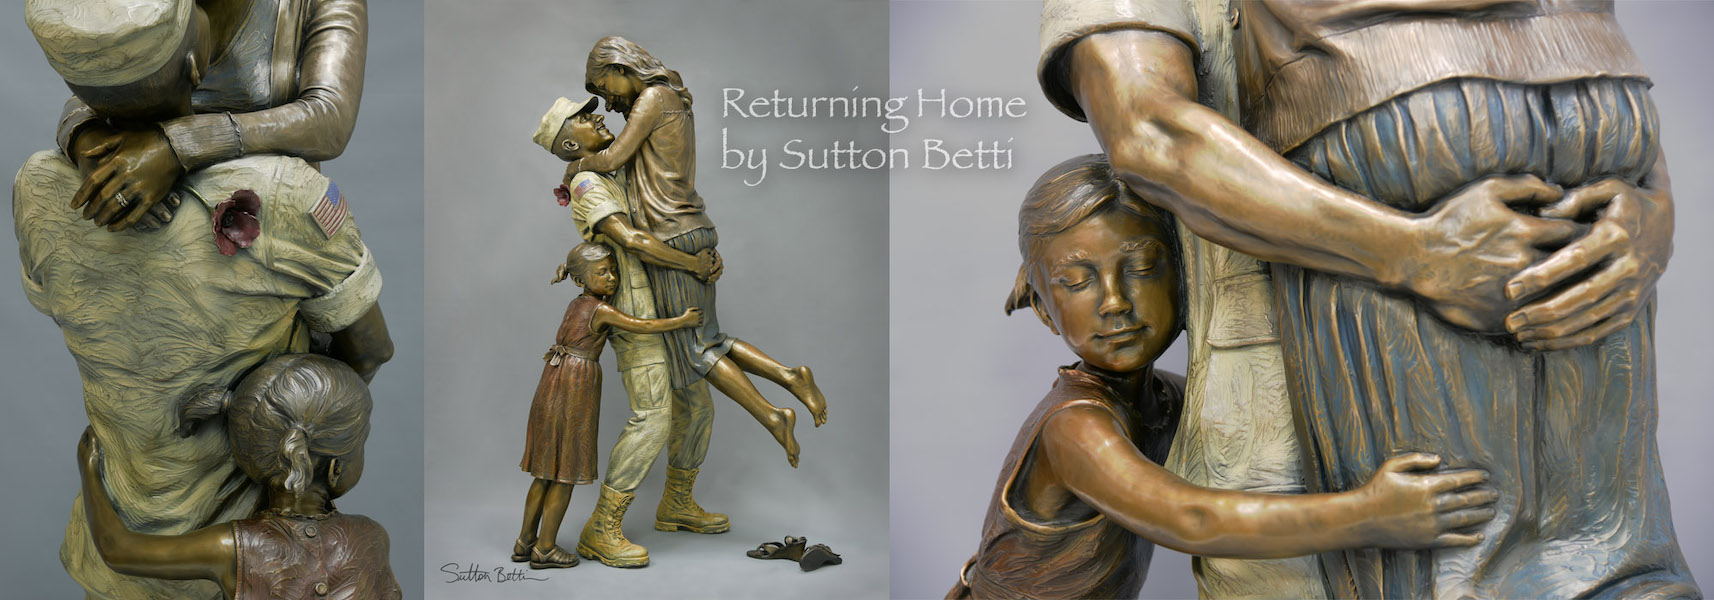 Sutton Betti, Returning Home, American Veterans Park, West Point, Nebraska, Veterans Park